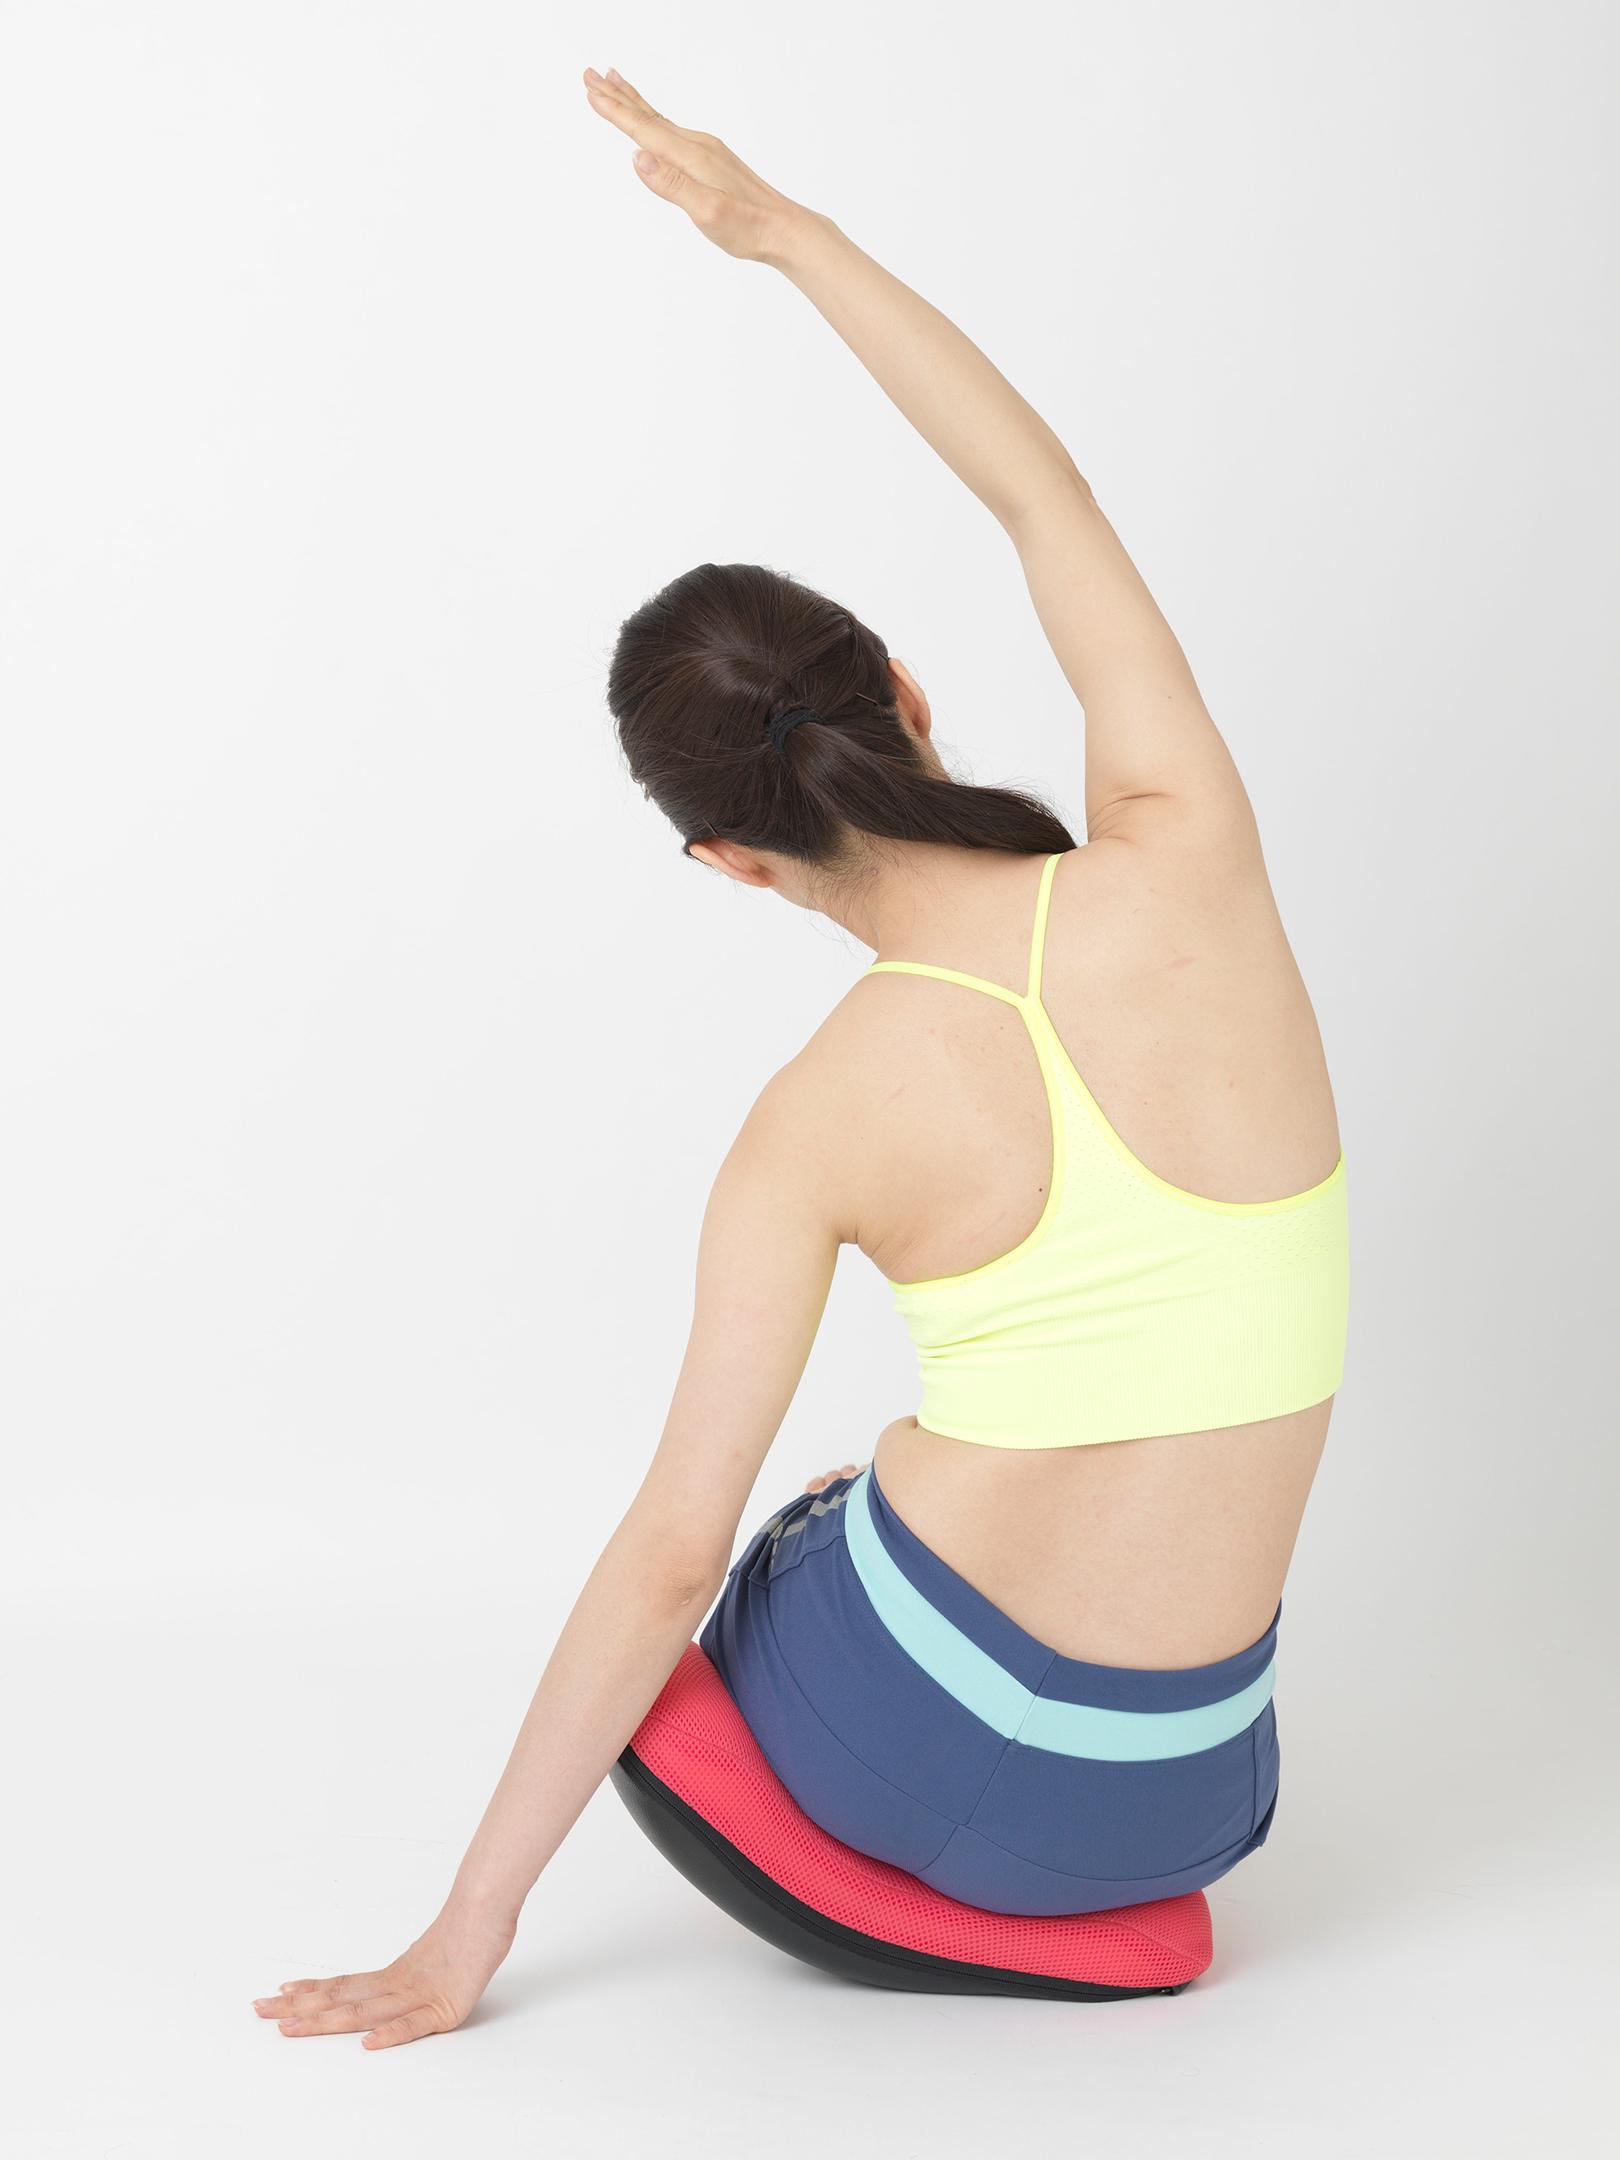 クッションの凹んだ部分にお尻を乗せて腕を上げ、息を吐きながら体を傾ける「ウエストストレッチ」。腕を伸ばした方のお尻を下げることでウエストがより伸びやすくなる。